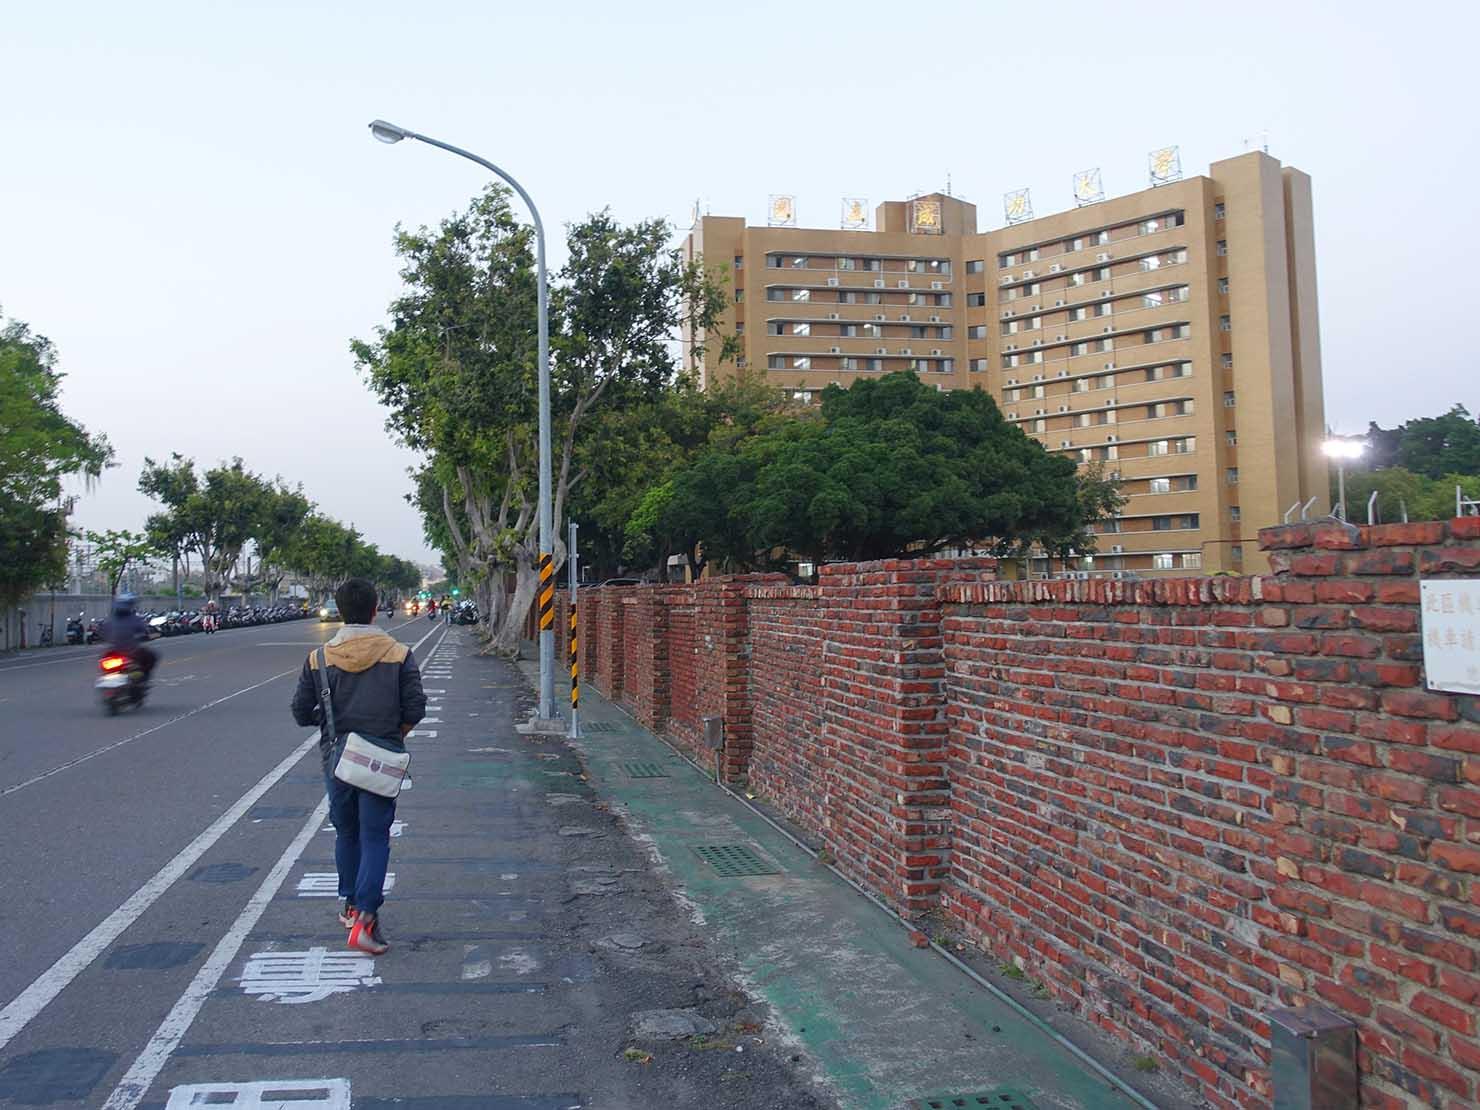 台南・成功大學前の道路(前鋒路)